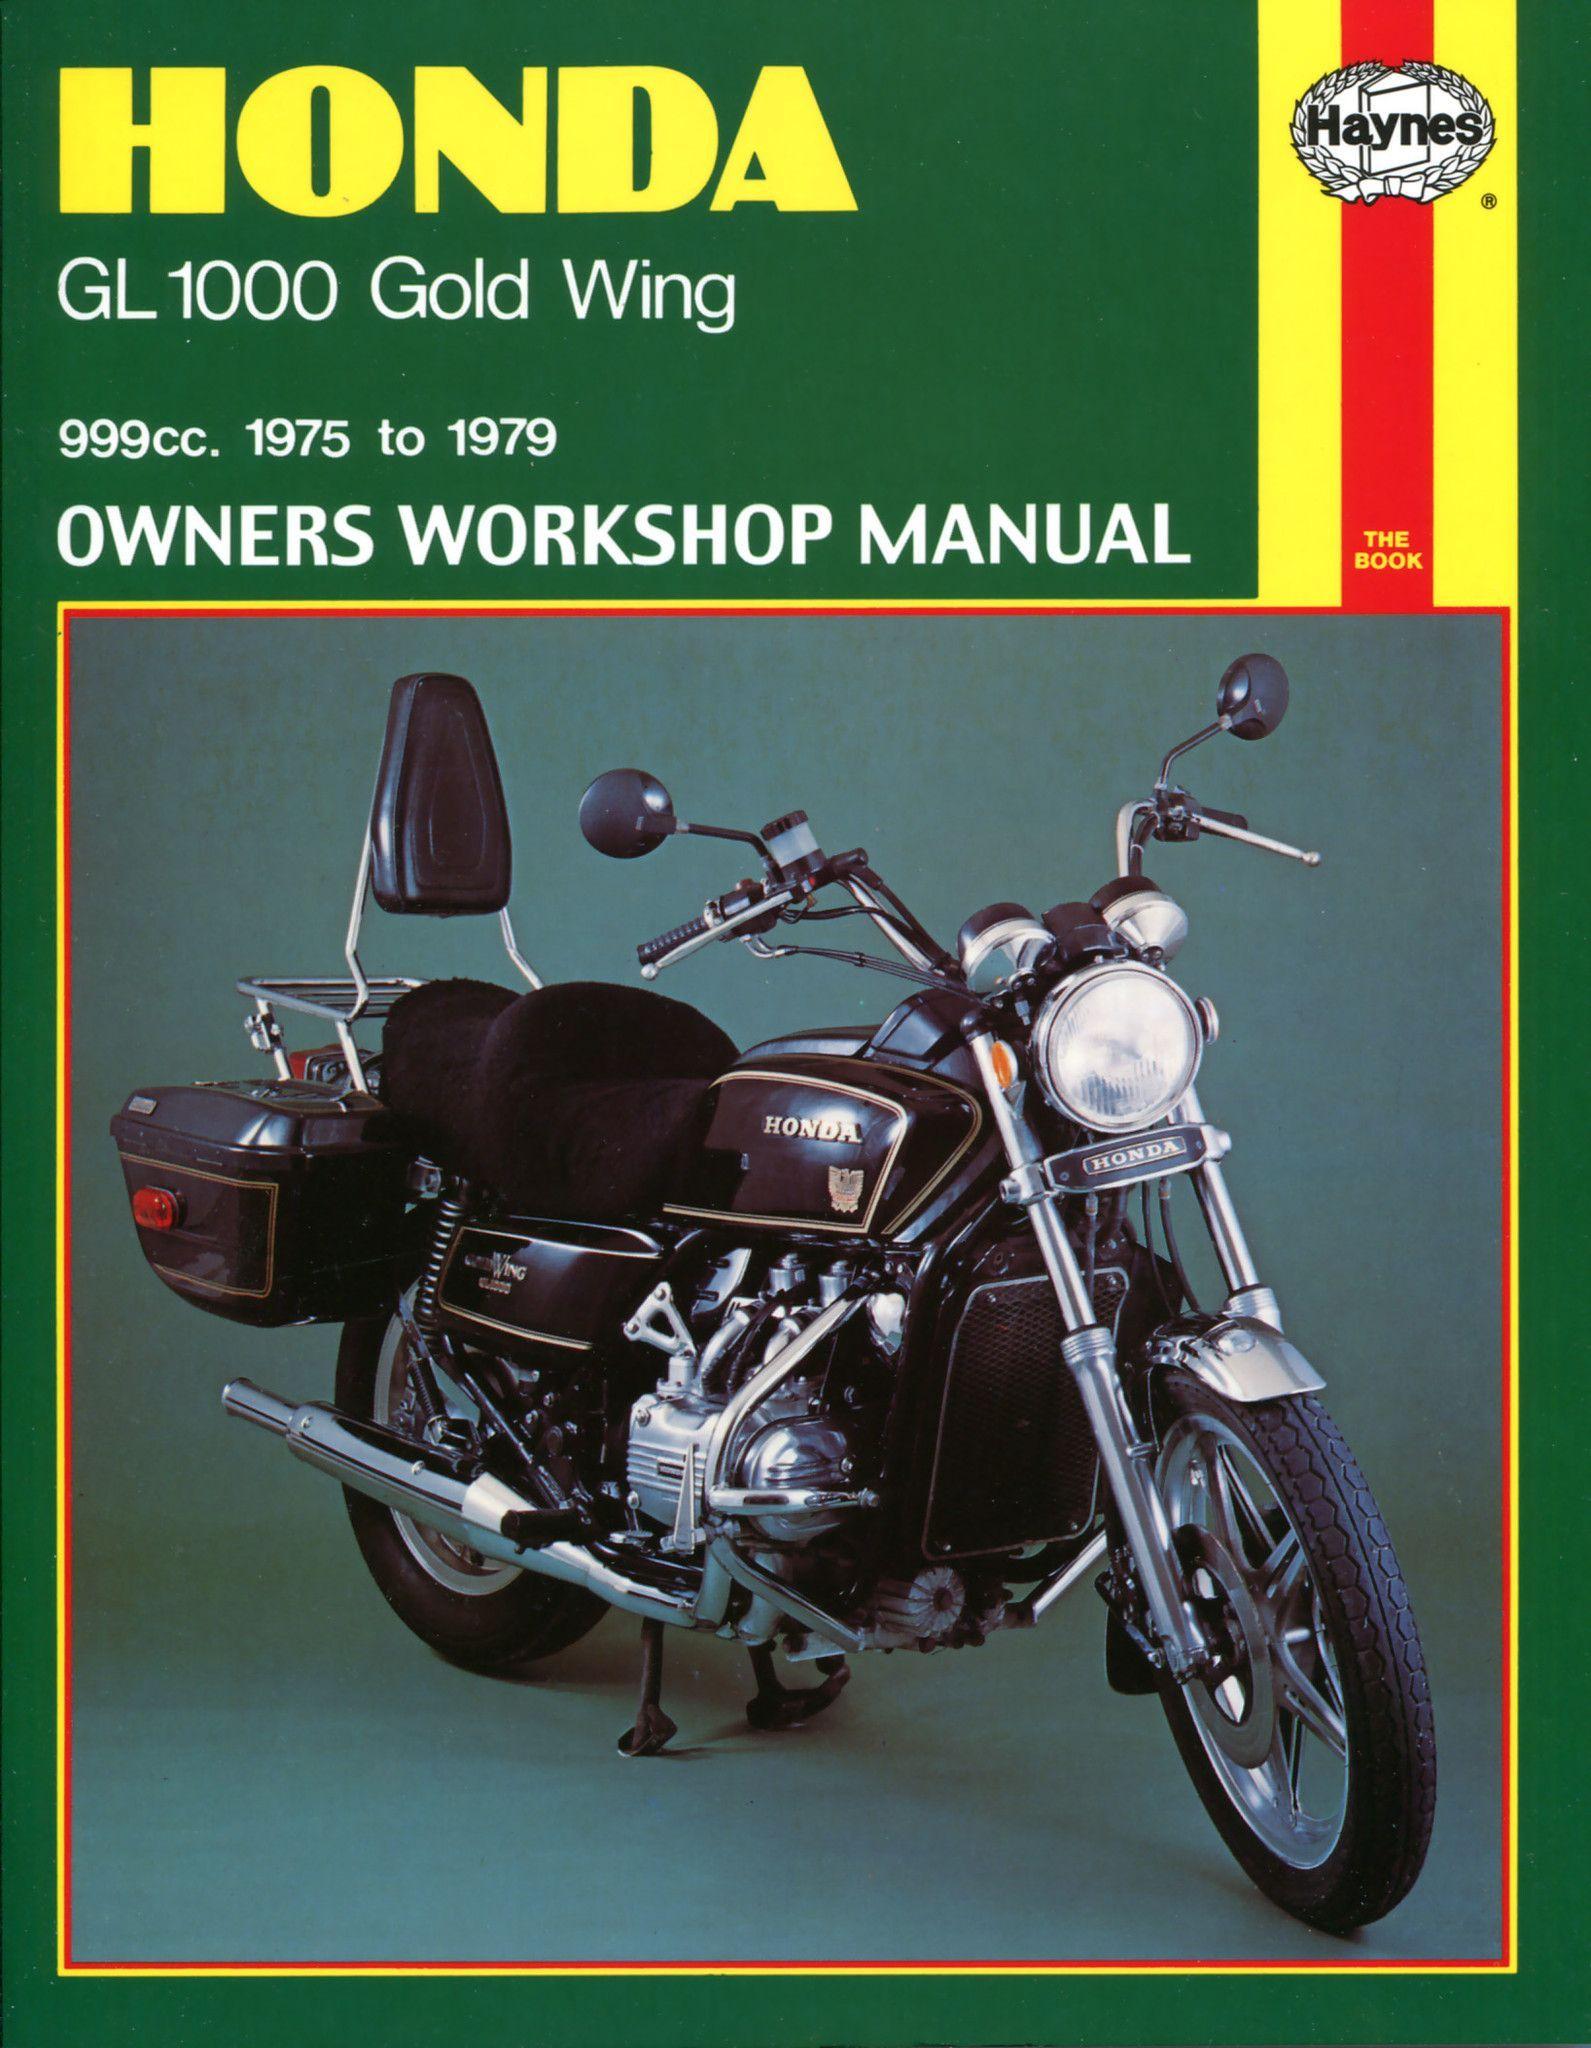 Haynes M309 Repair Manual for 1975-79 Honda GL1000 Gold Wing